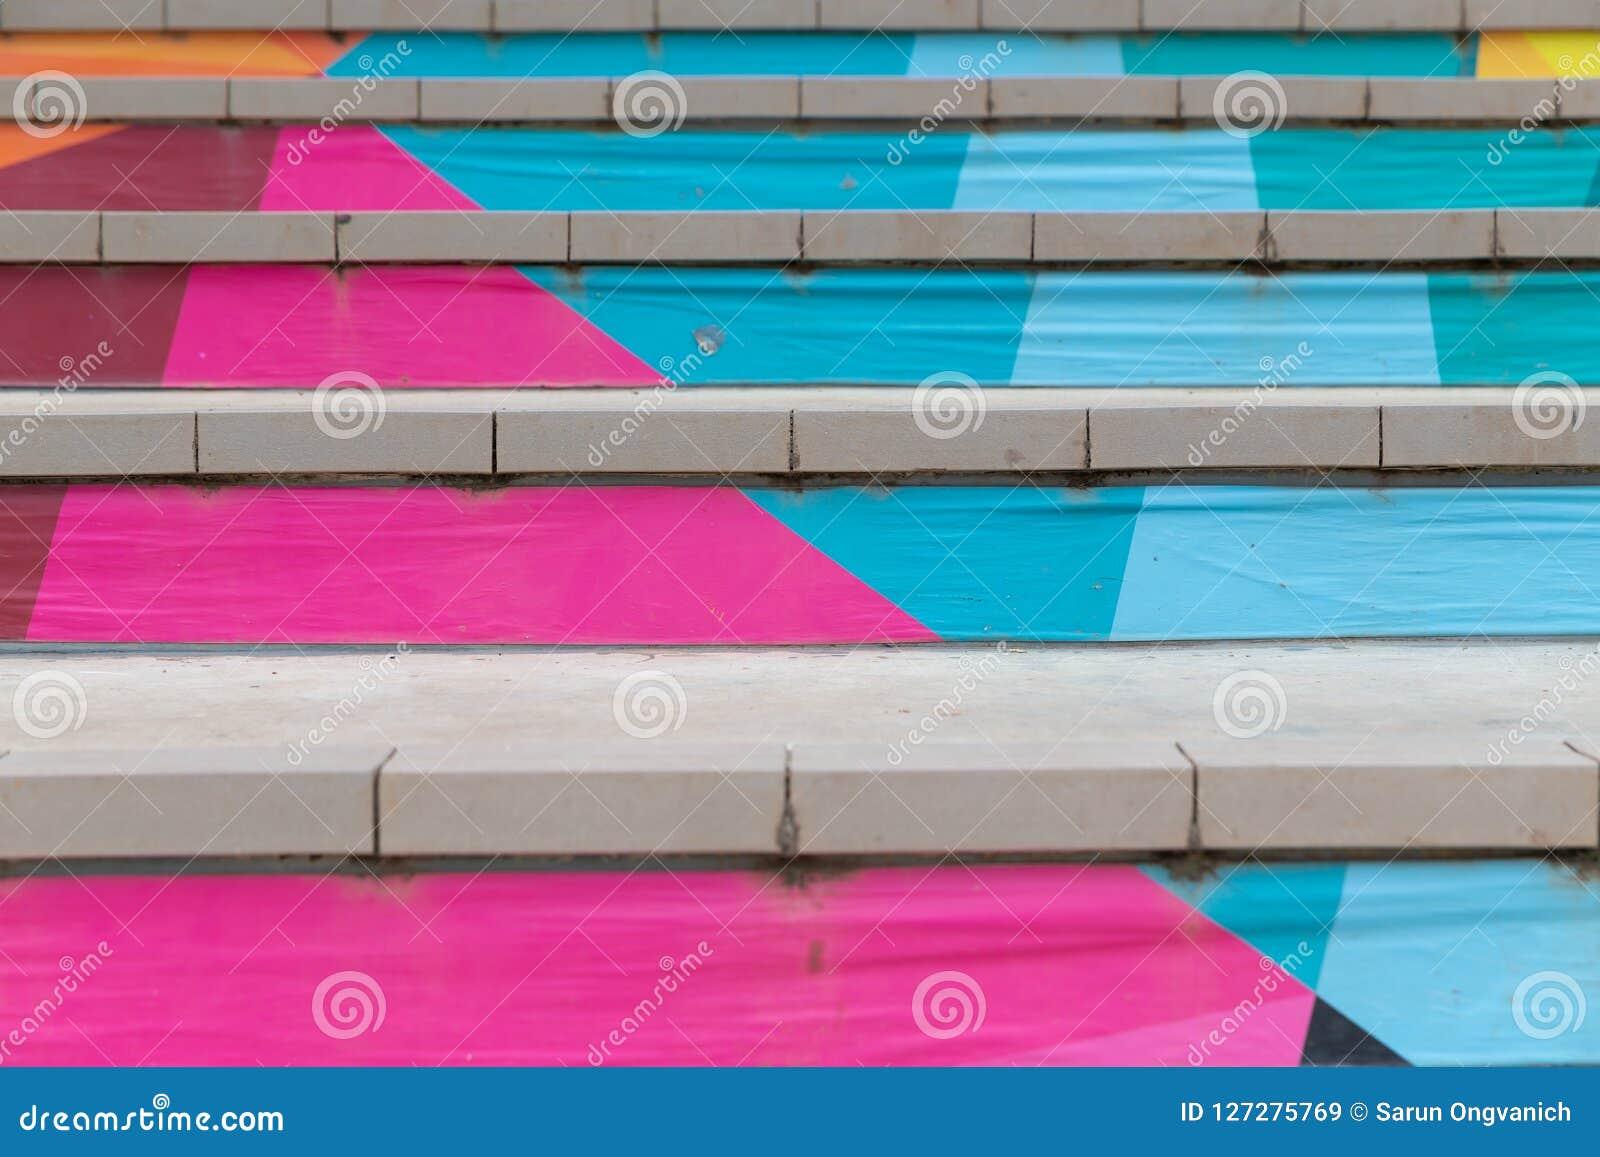 Vista delantera de la escalera con los pasos pintados en colorido abstracto